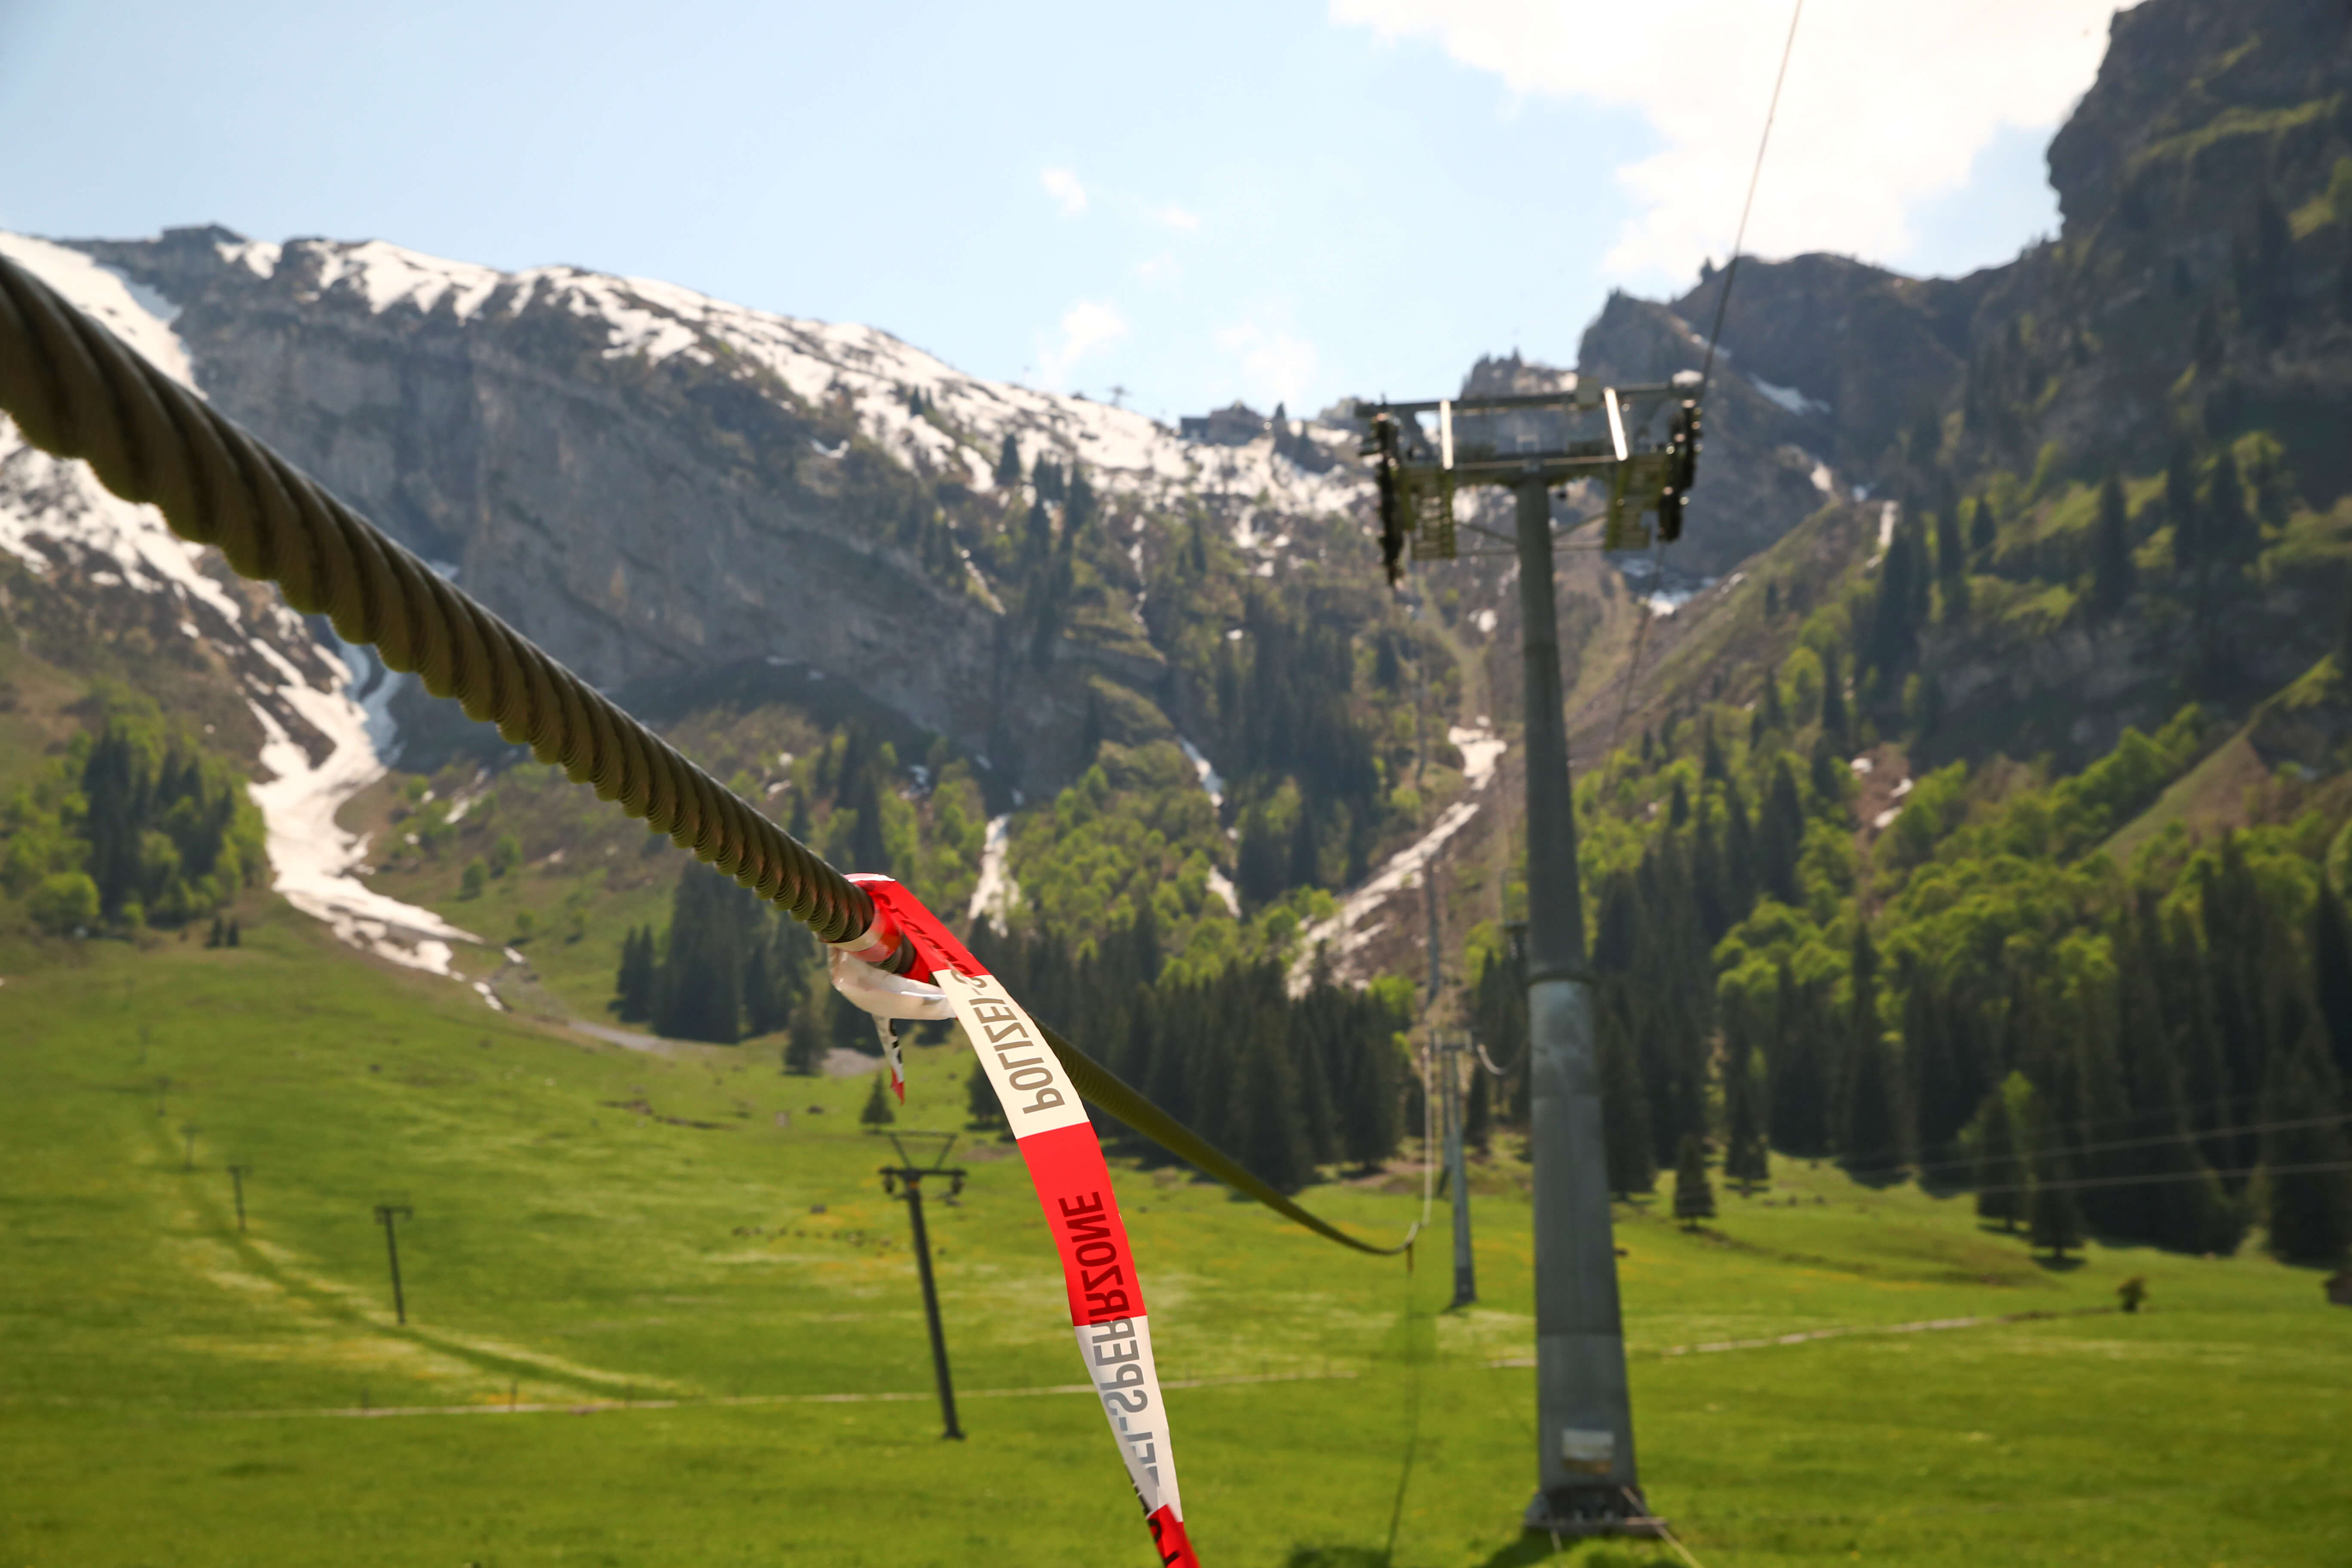 Τραγωδία στις Άλπεις! Ένας νεκρός και 6 τραυματίες σε χιονοδρομικό κέντρο [pics]